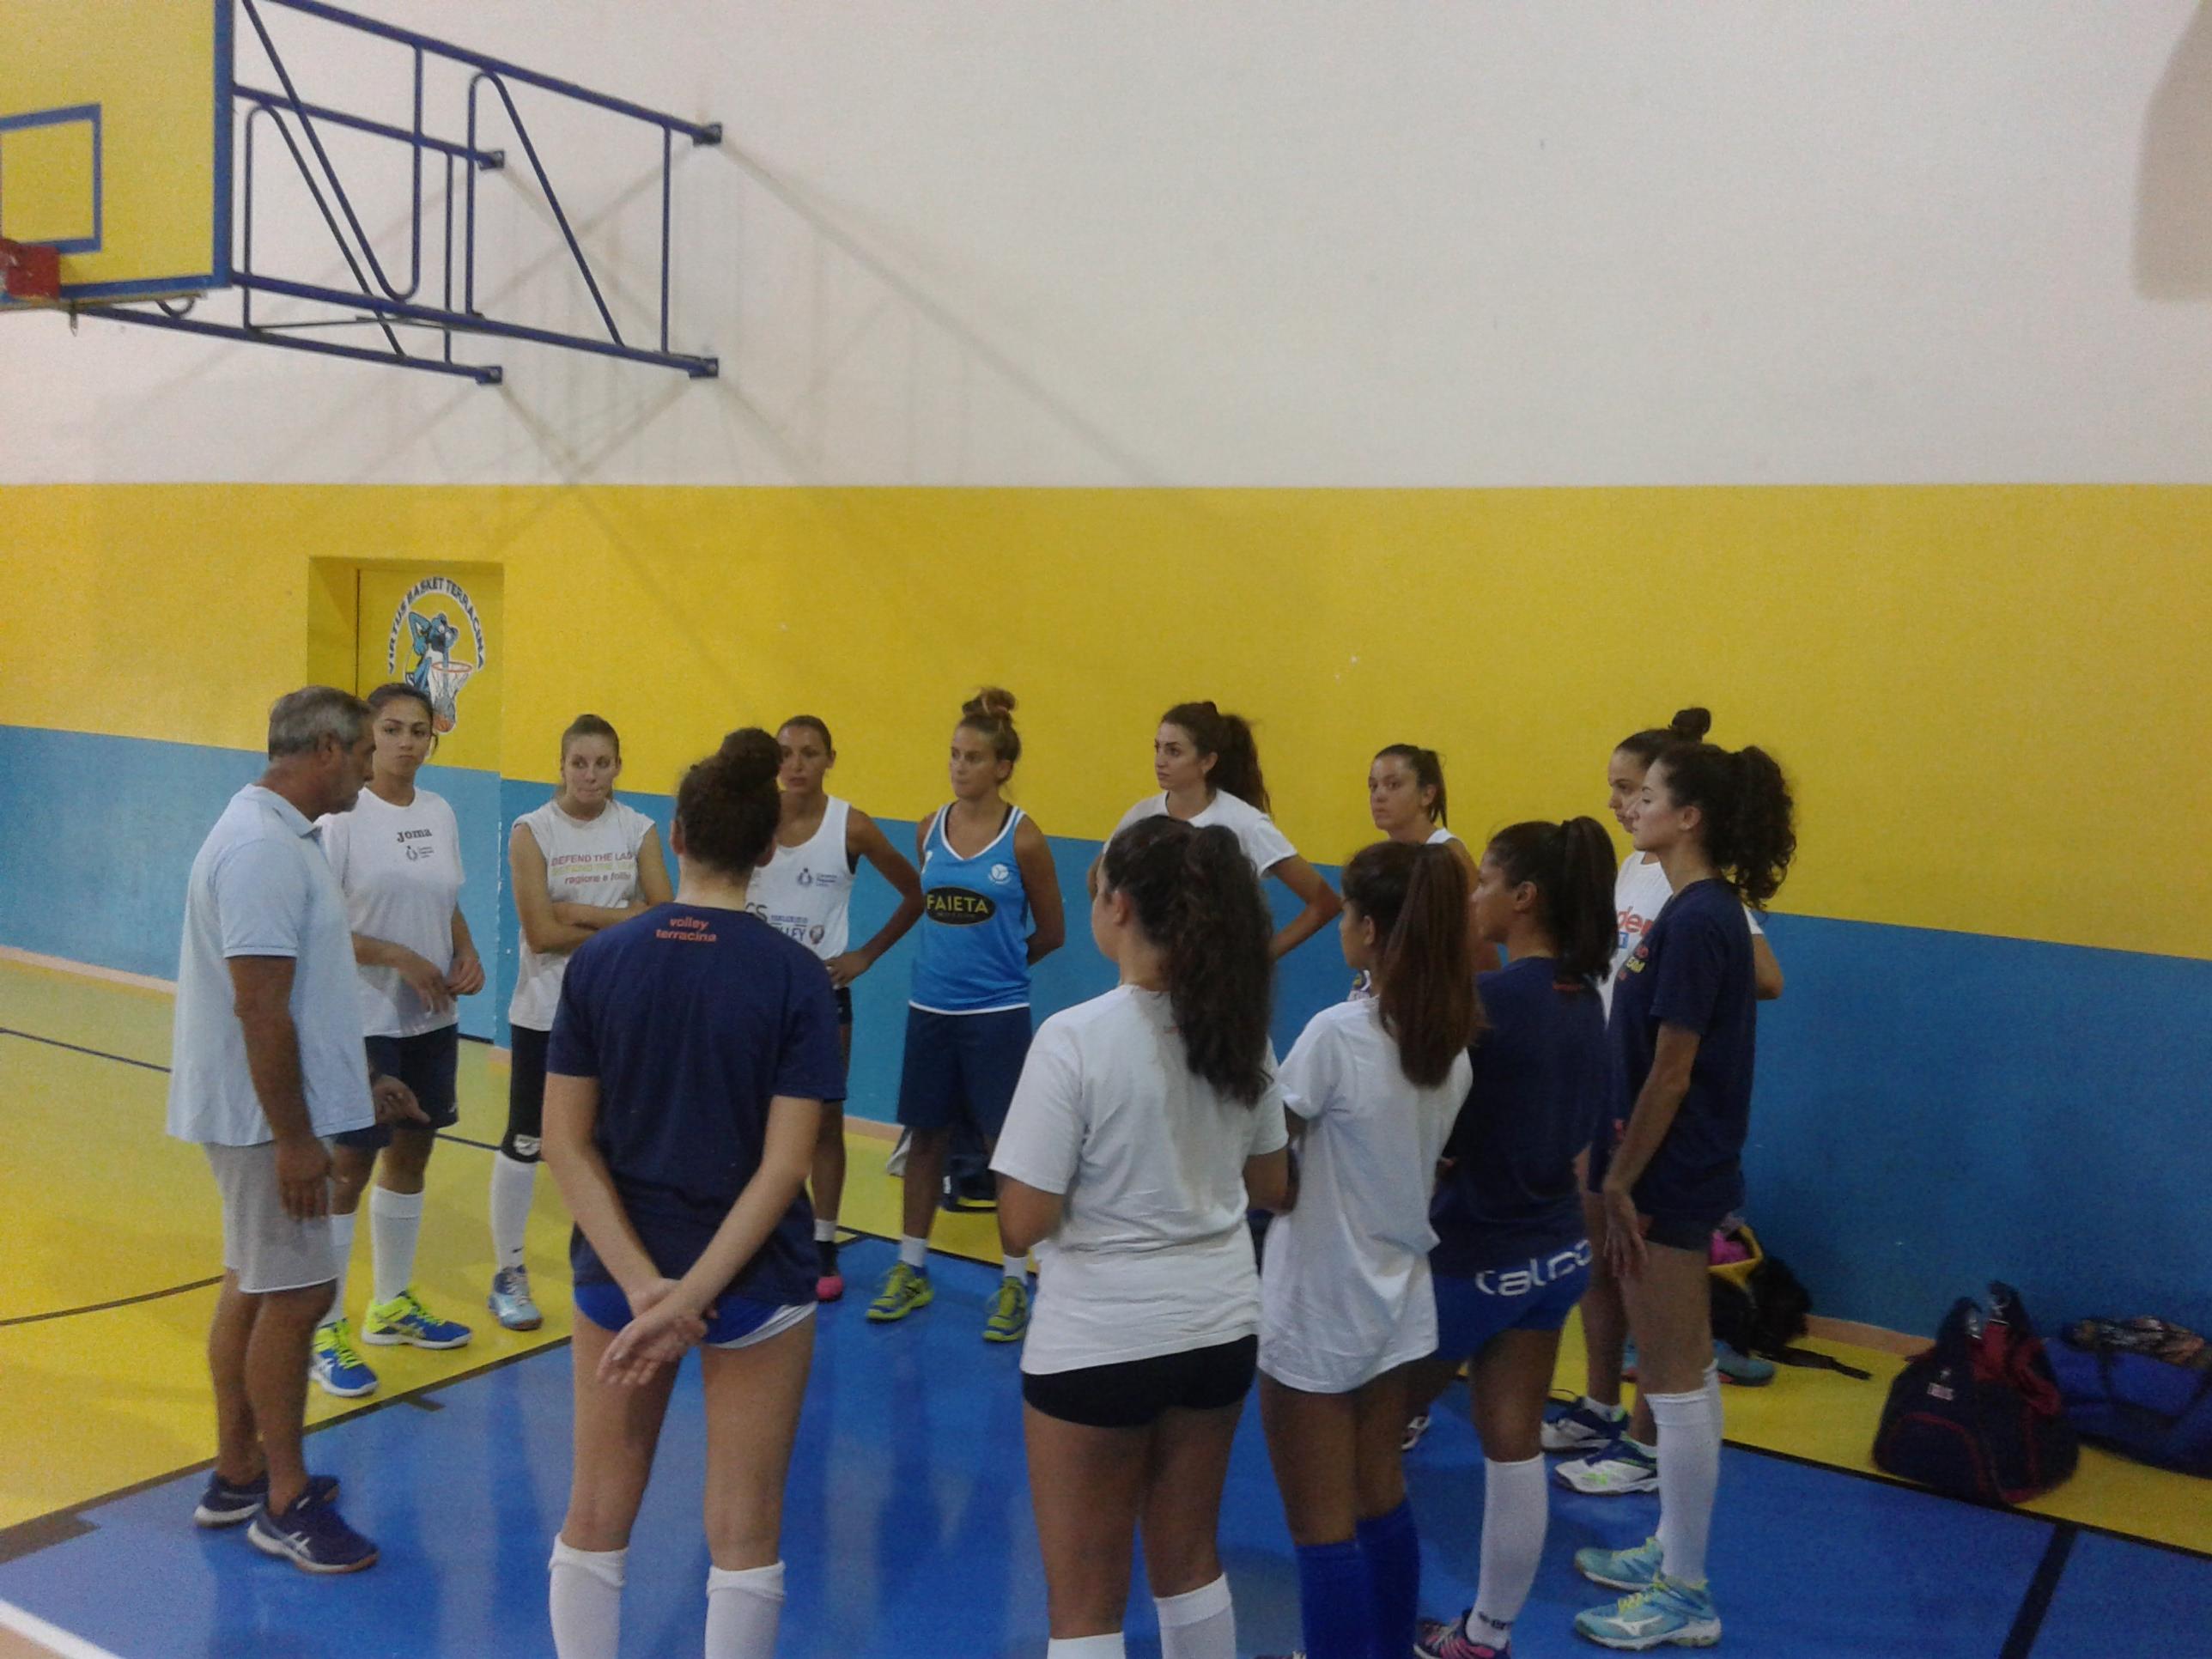 volley-terracina-al-via-la-preparazione-per-la-nuova-stagione